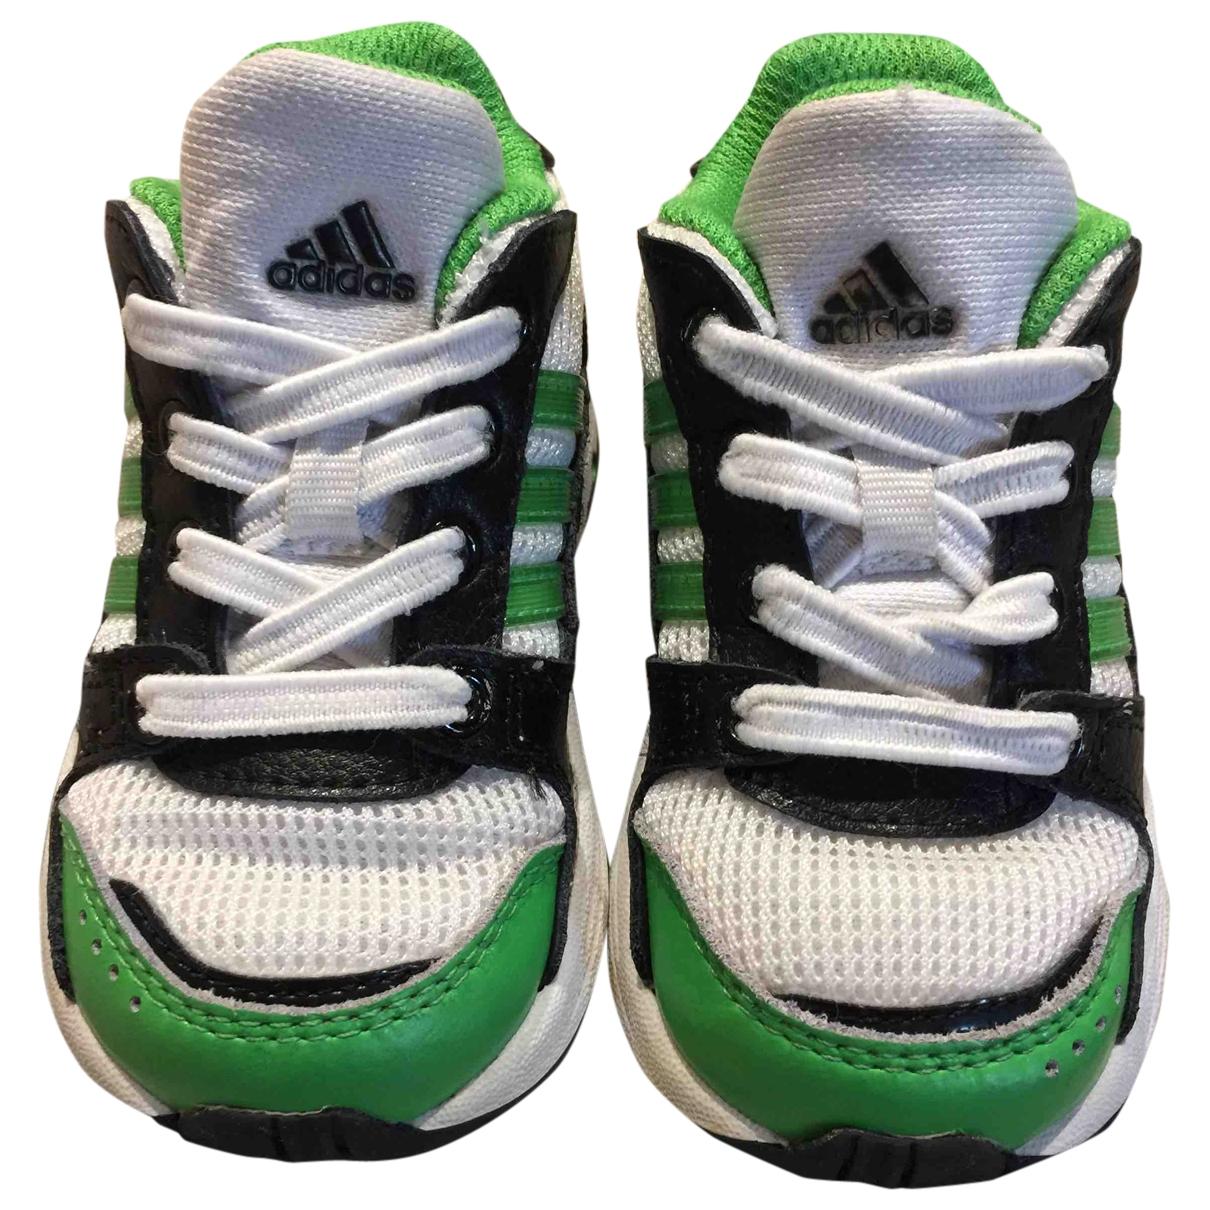 Adidas - Baskets   pour enfant en toile - blanc